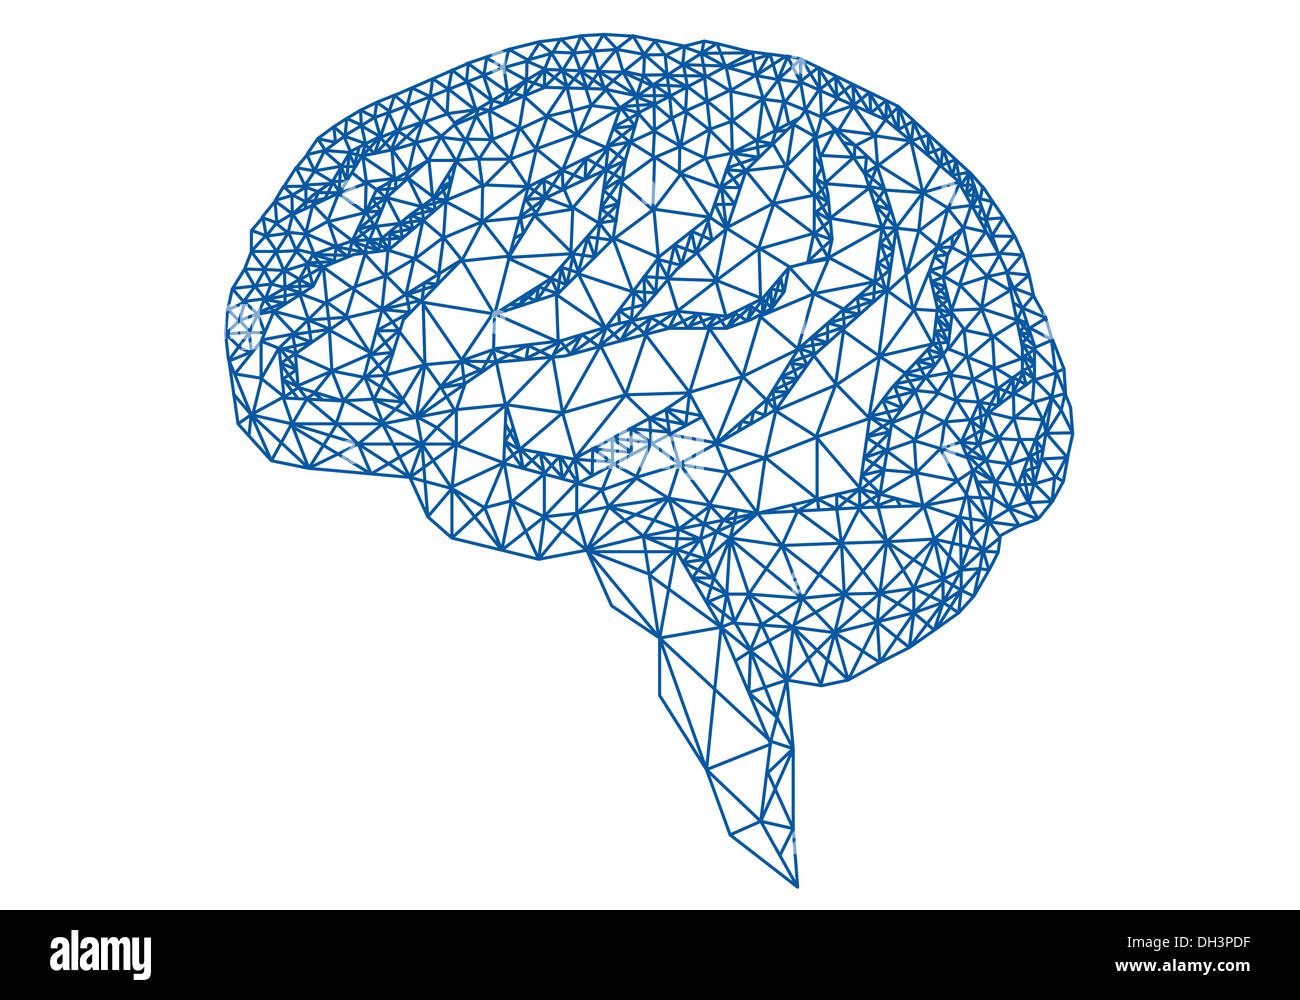 Cerebro Humano azul abstracto geométrico con malla, ilustración vectorial Imagen De Stock